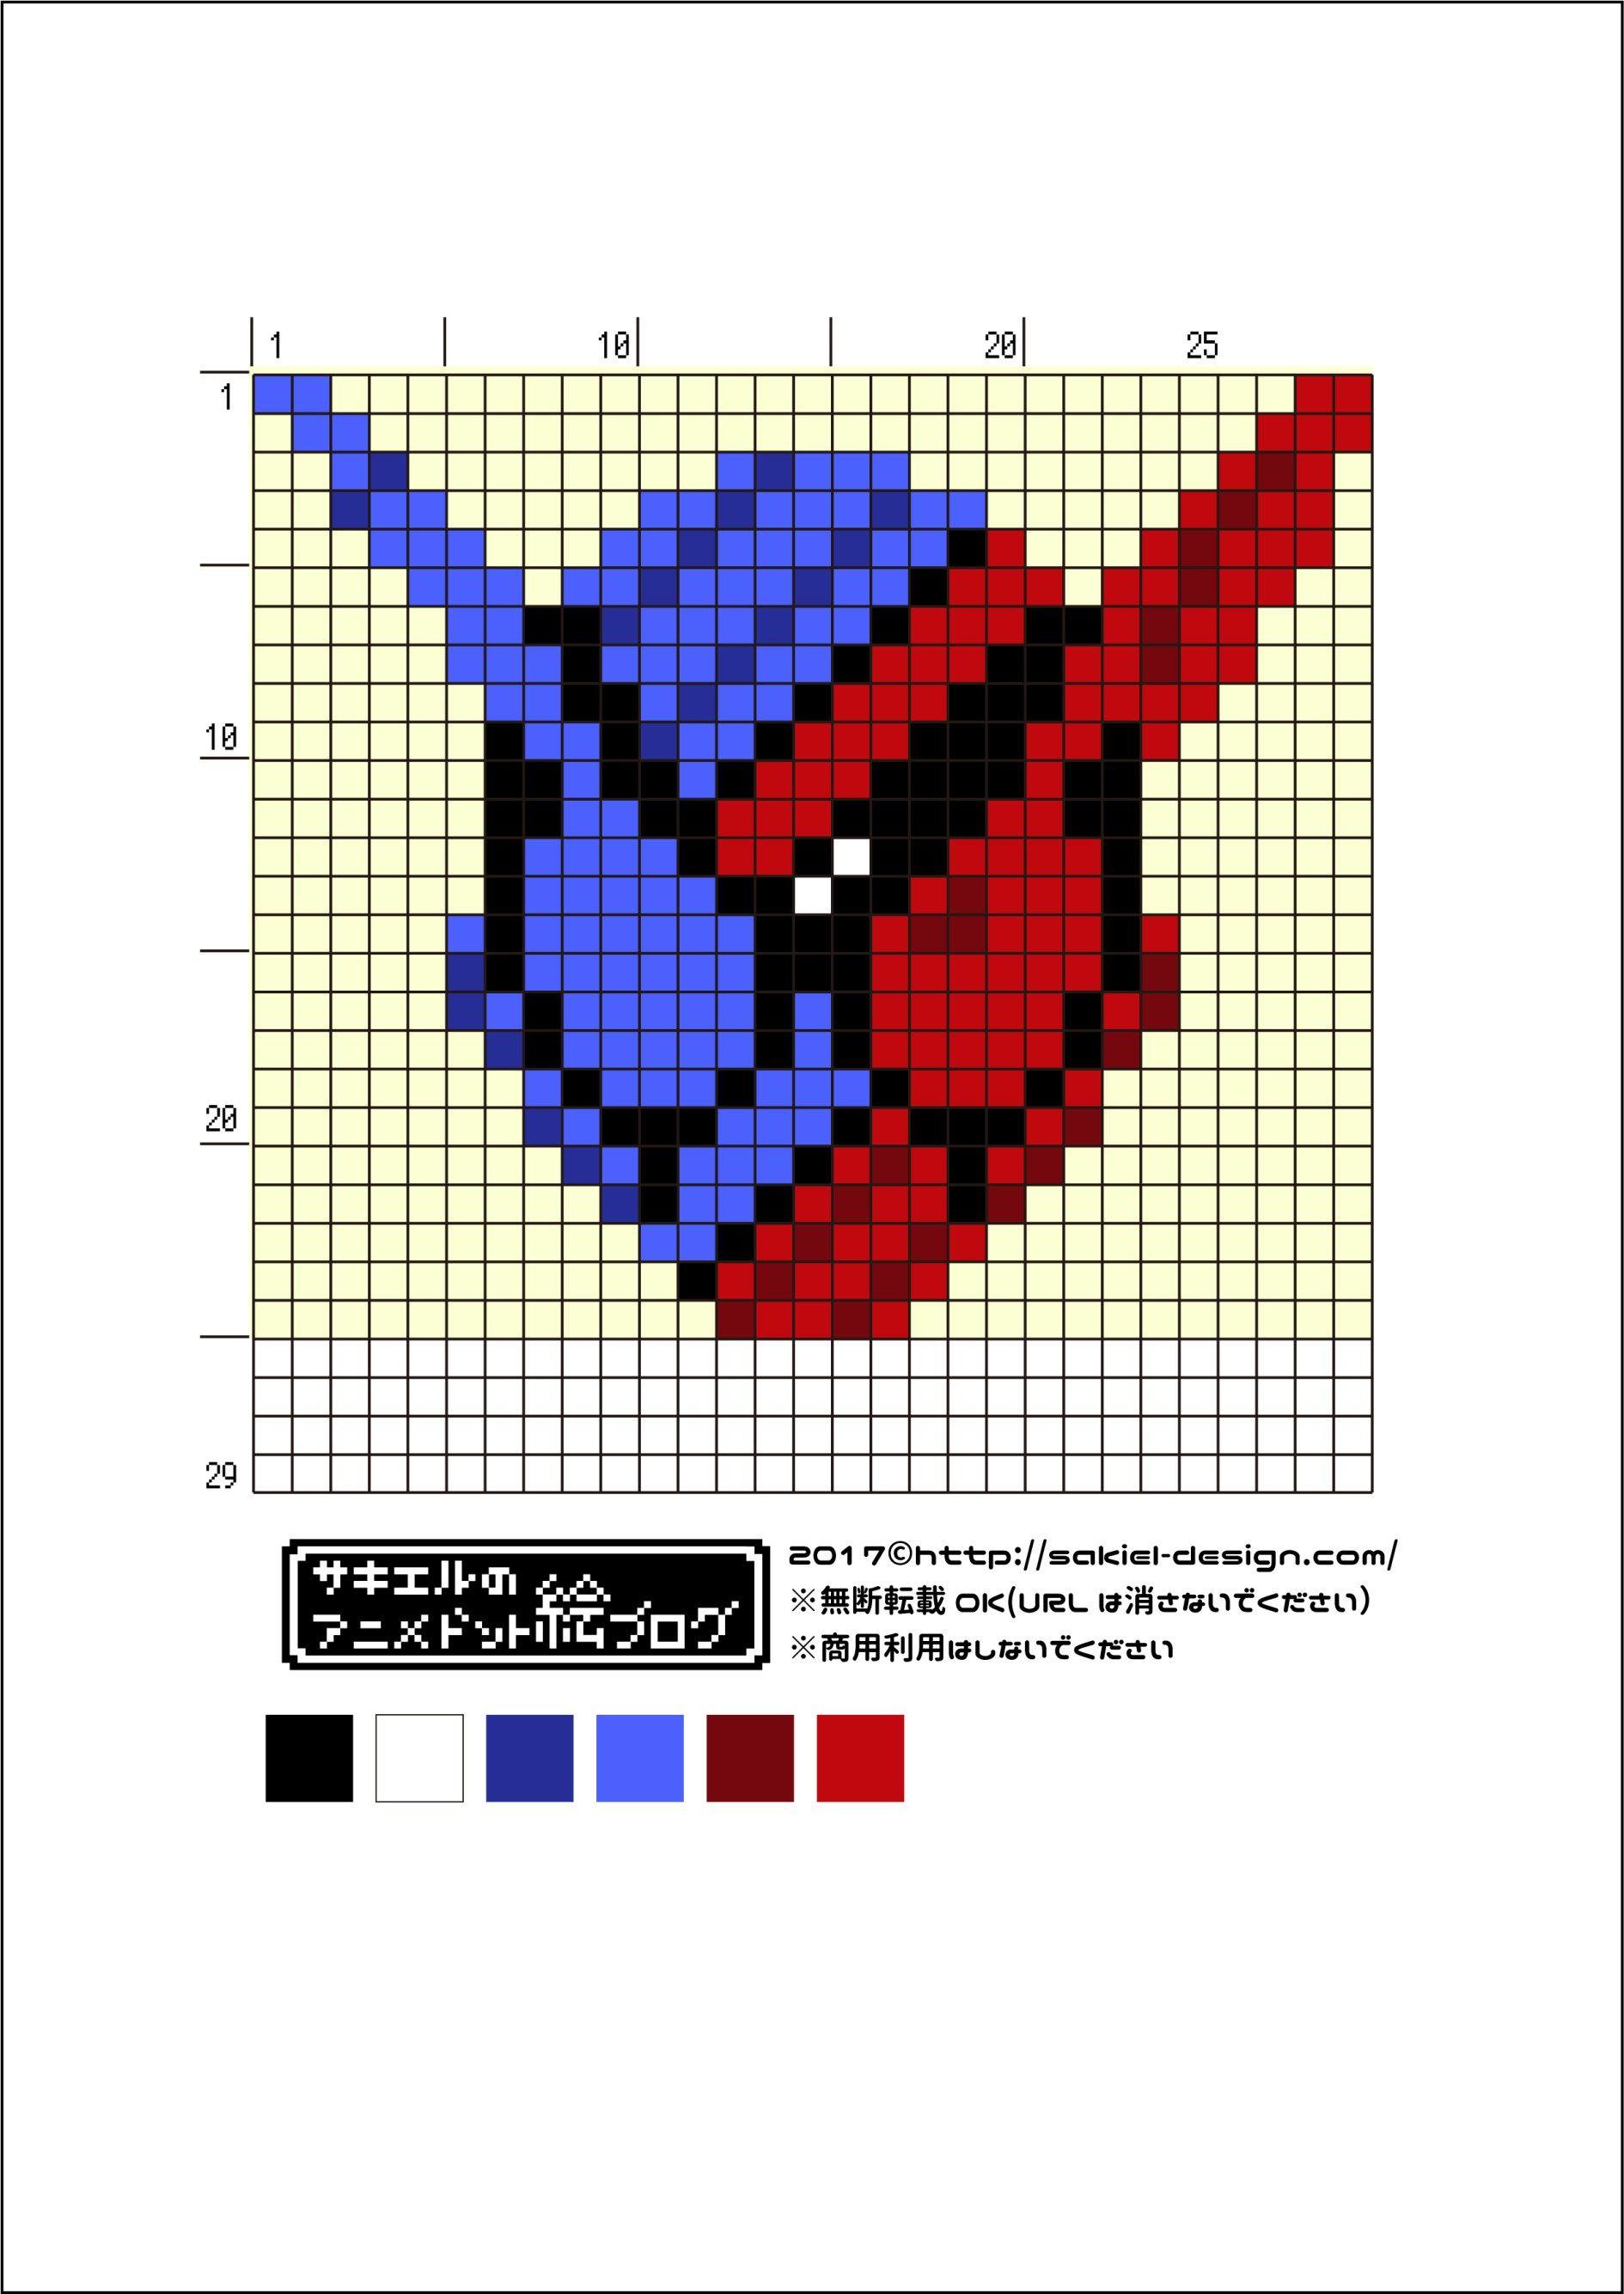 簡単バージョン ラビットタンクフォームのアイロンビーズ図案 仮面ライダービルド サキエルのアニメドット絵ブログ 図案 クロスステッチ 図案 刺繍 図案